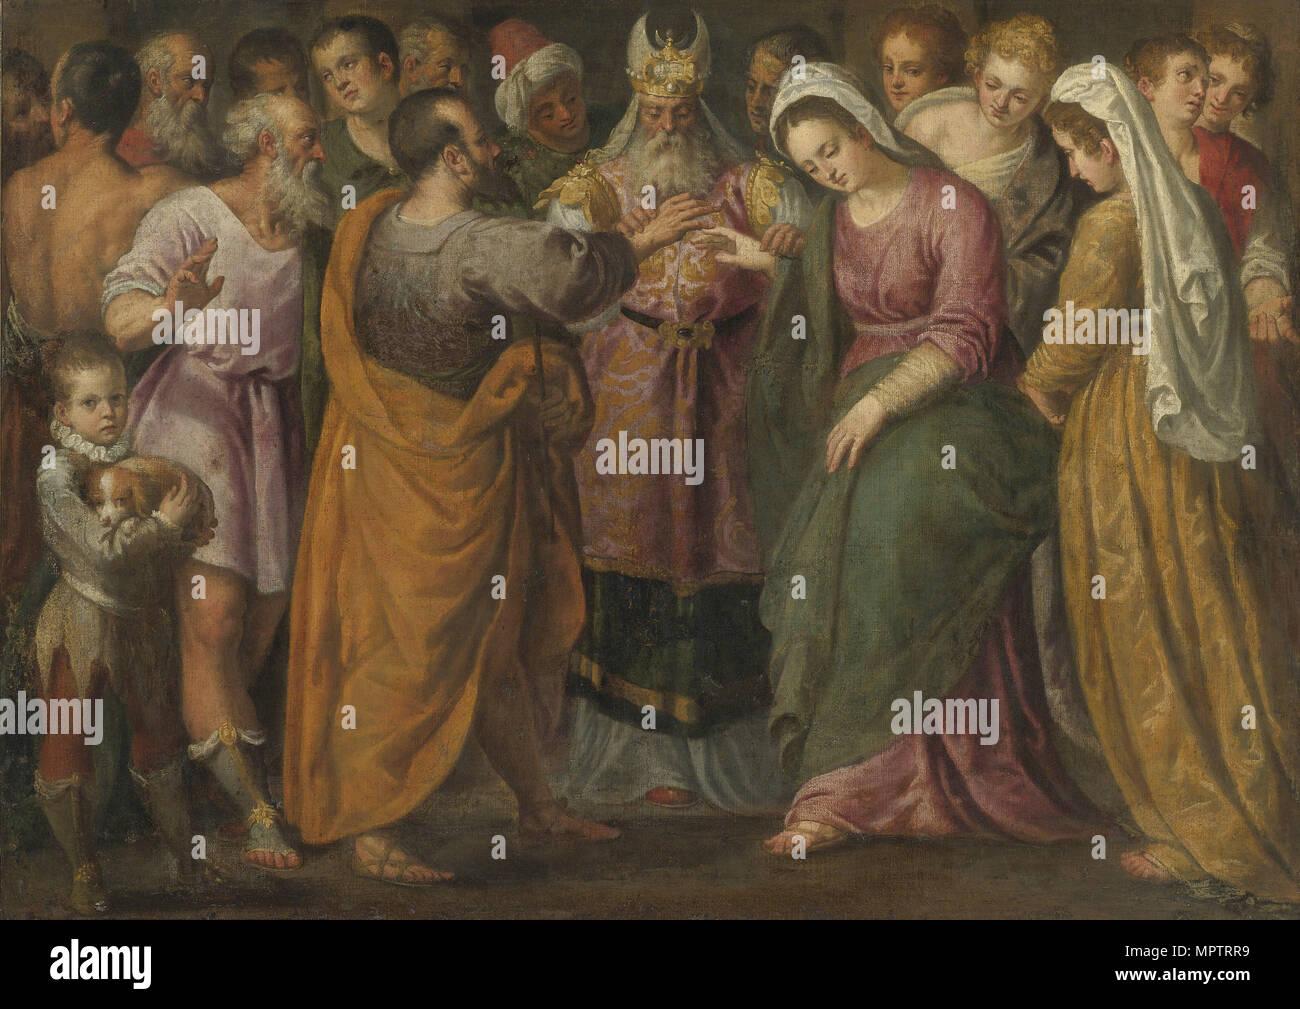 El matrimonio de María y José. Imagen De Stock